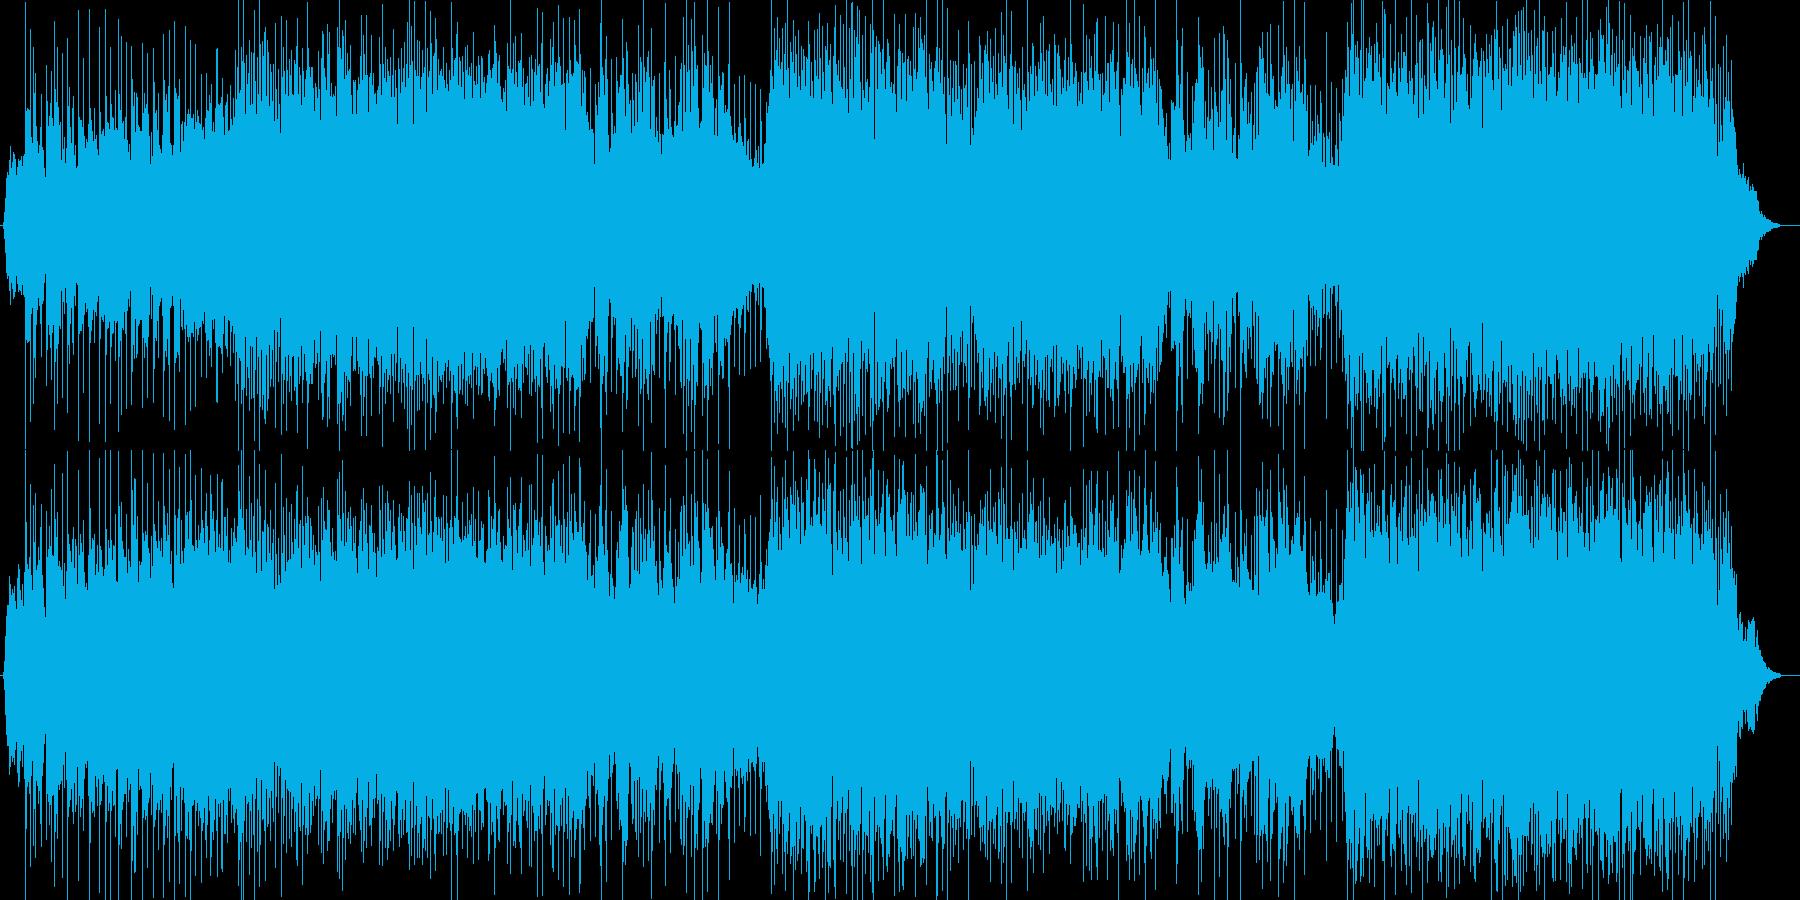 恋愛ドラマ風シンセサイザー曲の再生済みの波形